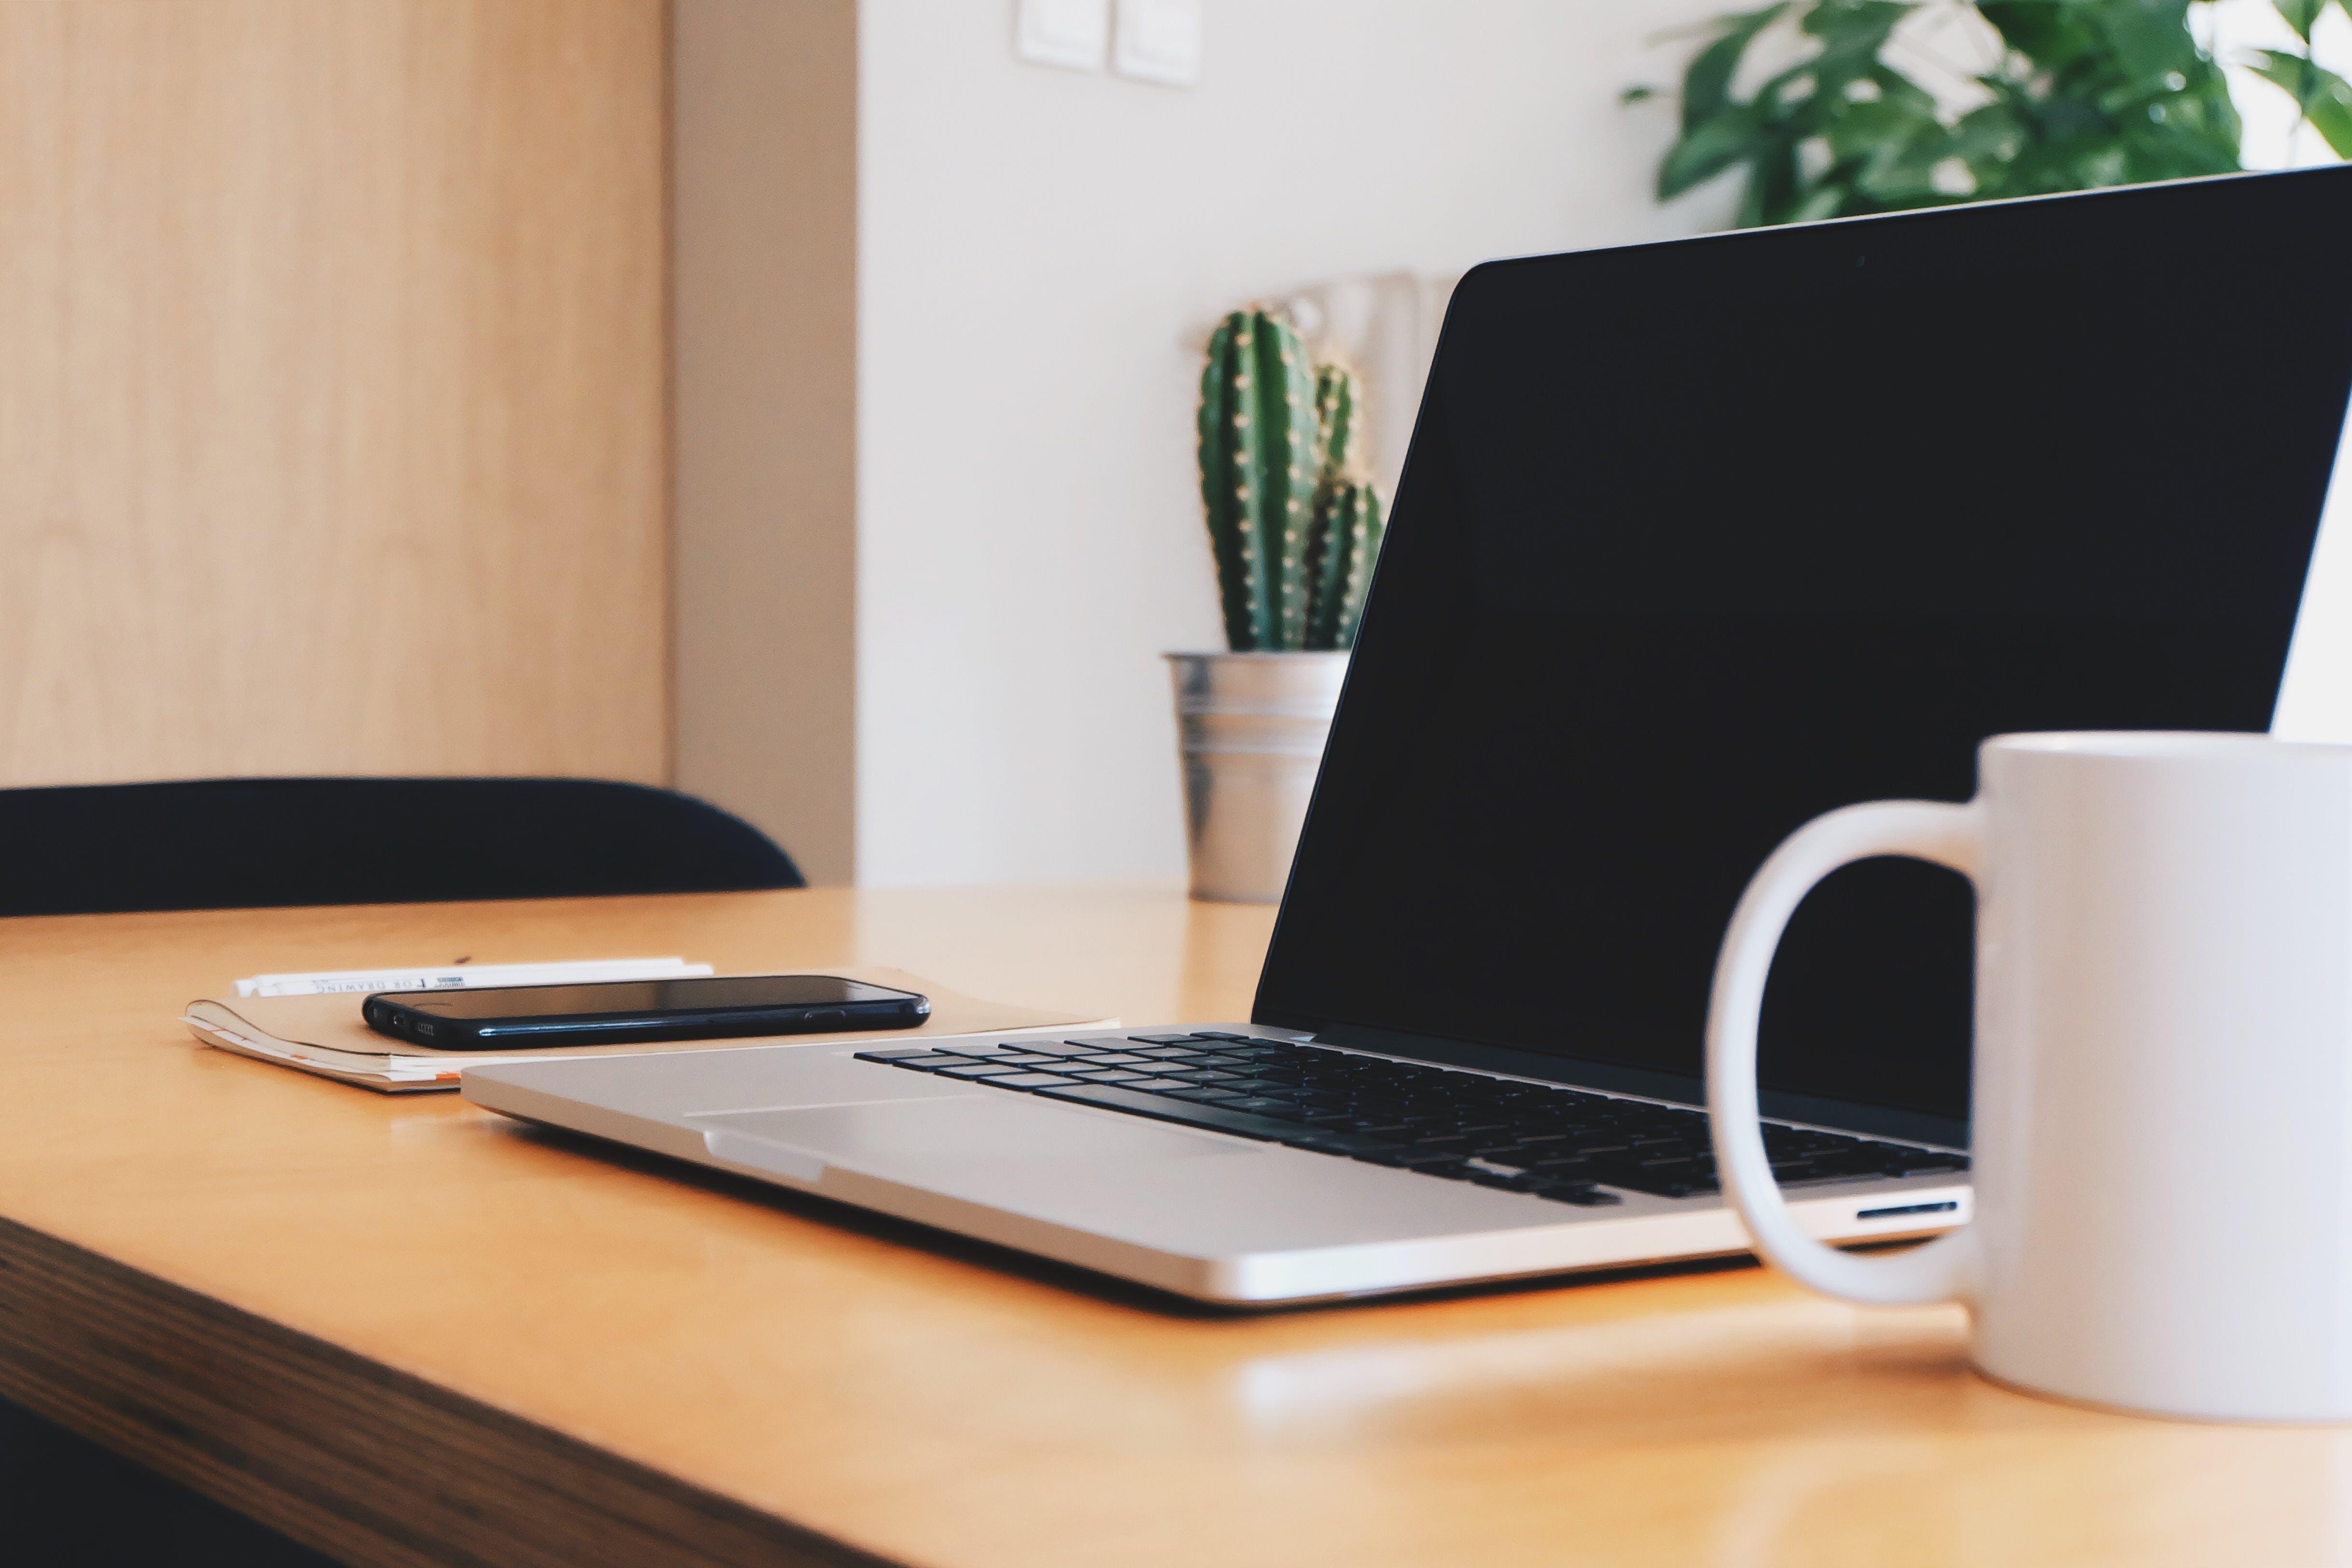 Macbook Pro on Tabletop Beside Mug